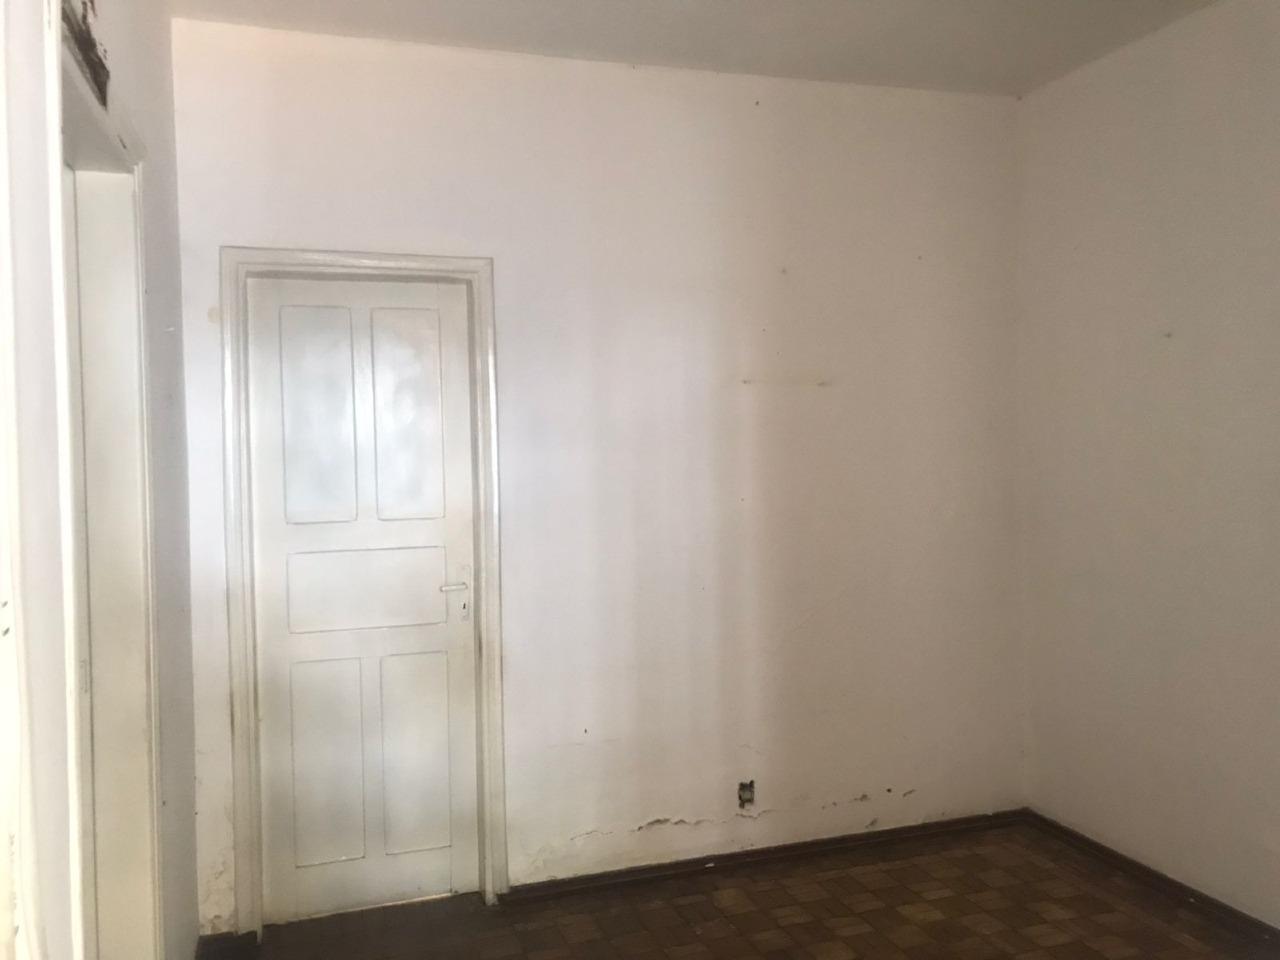 Casa para comprar, 3 quartos, 1 suíte, 1 vaga, no bairro Paulista em Piracicaba - SP